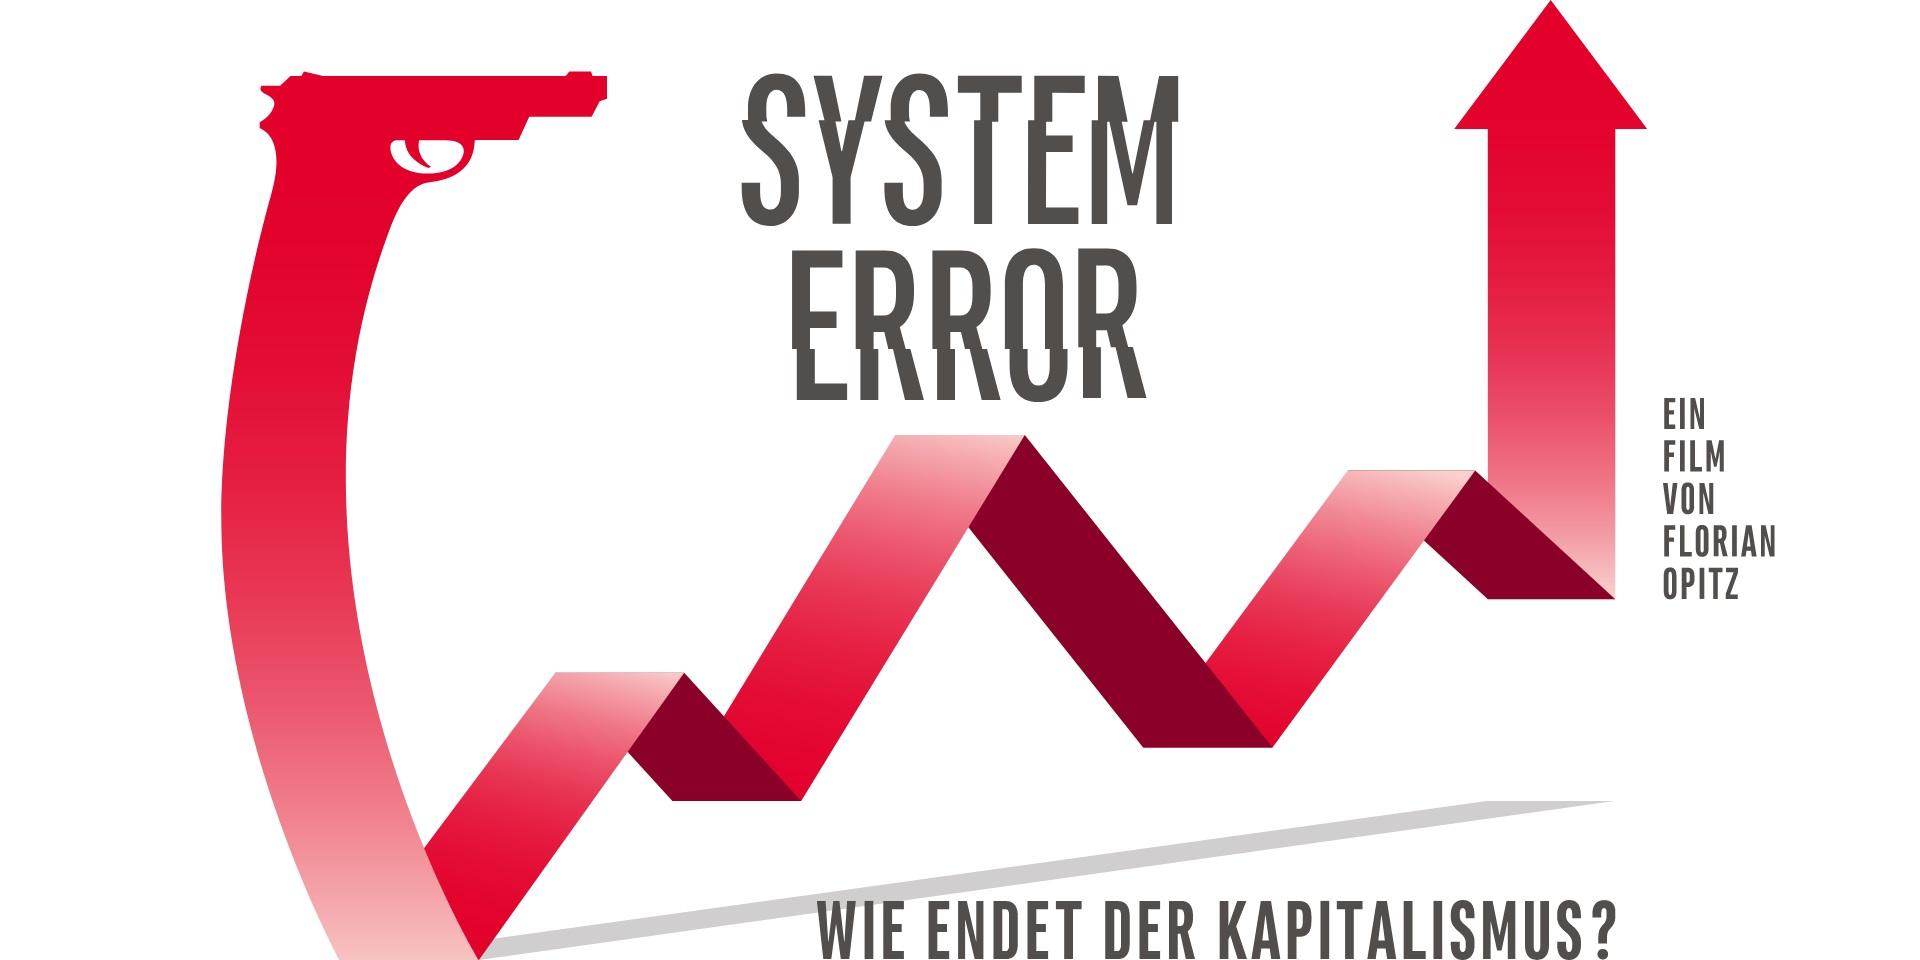 System Error Wie endet der Kapitalismus Florian Opitz